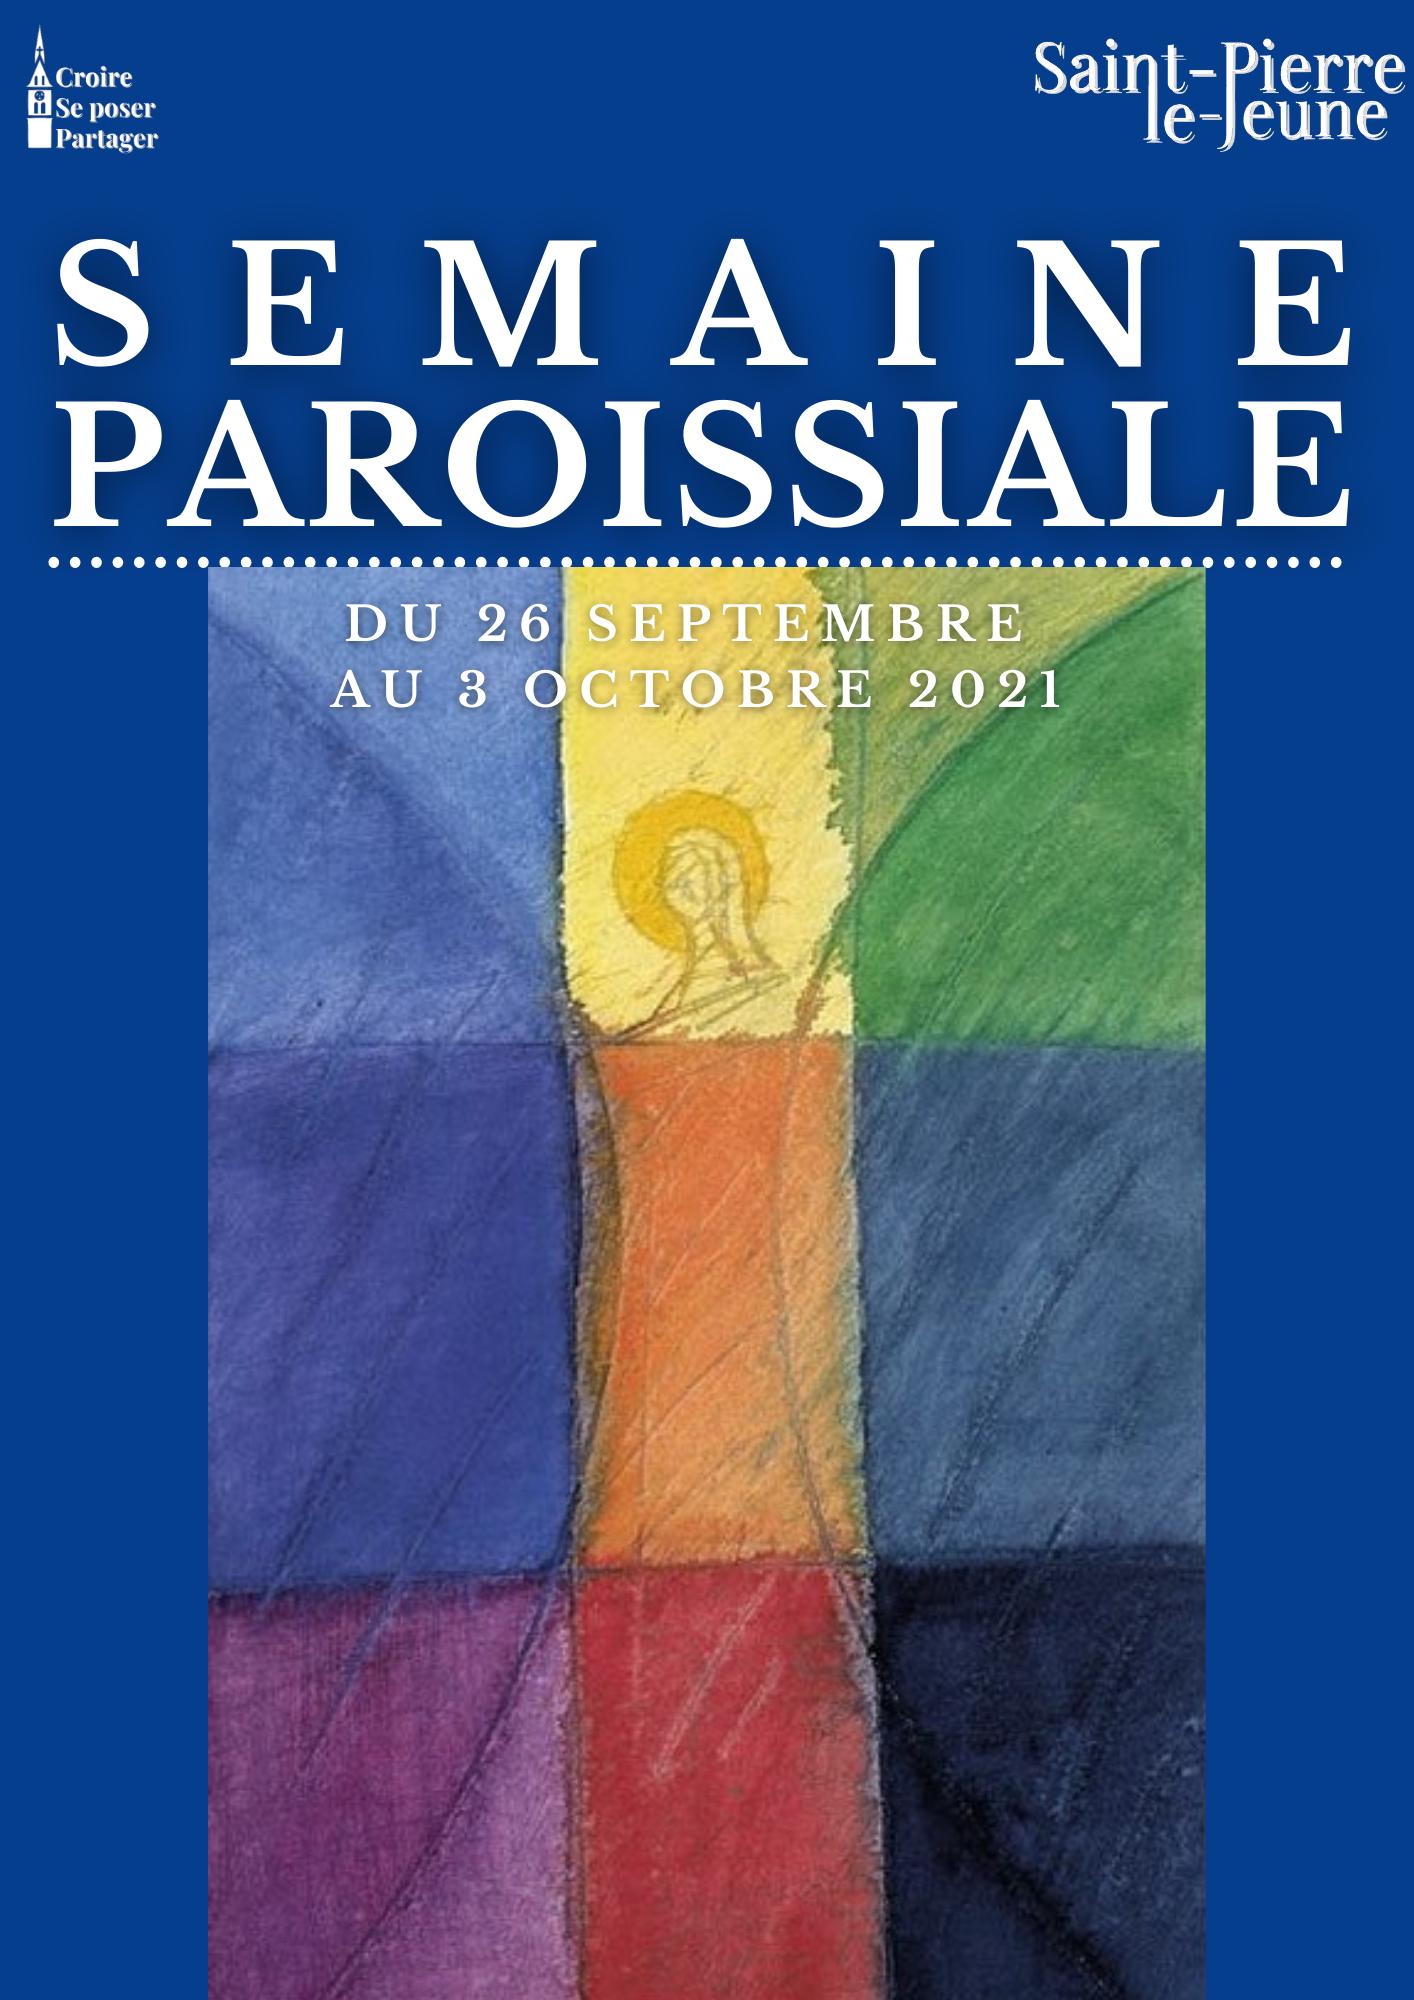 Semaine paroissiale - 26 septembre 2021